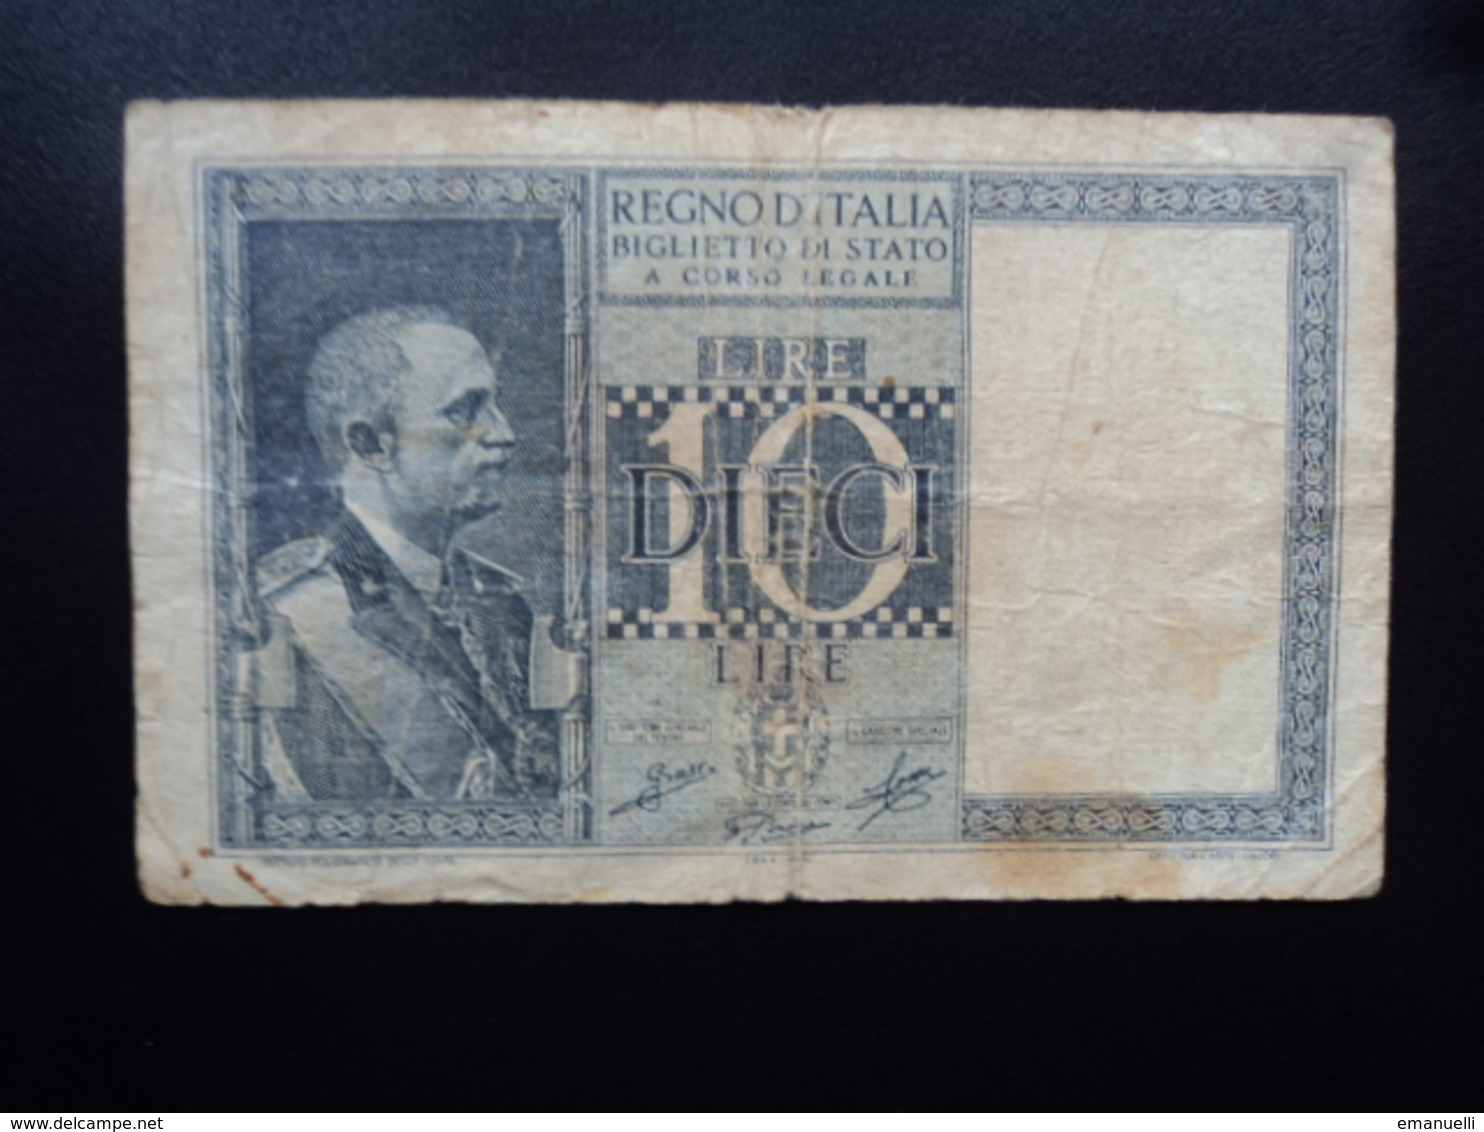 ITALIE : 10 LIRE  1944 - XXII  P 25c / CI 16 / BS 46 *  B+ - Italia – 10 Lire